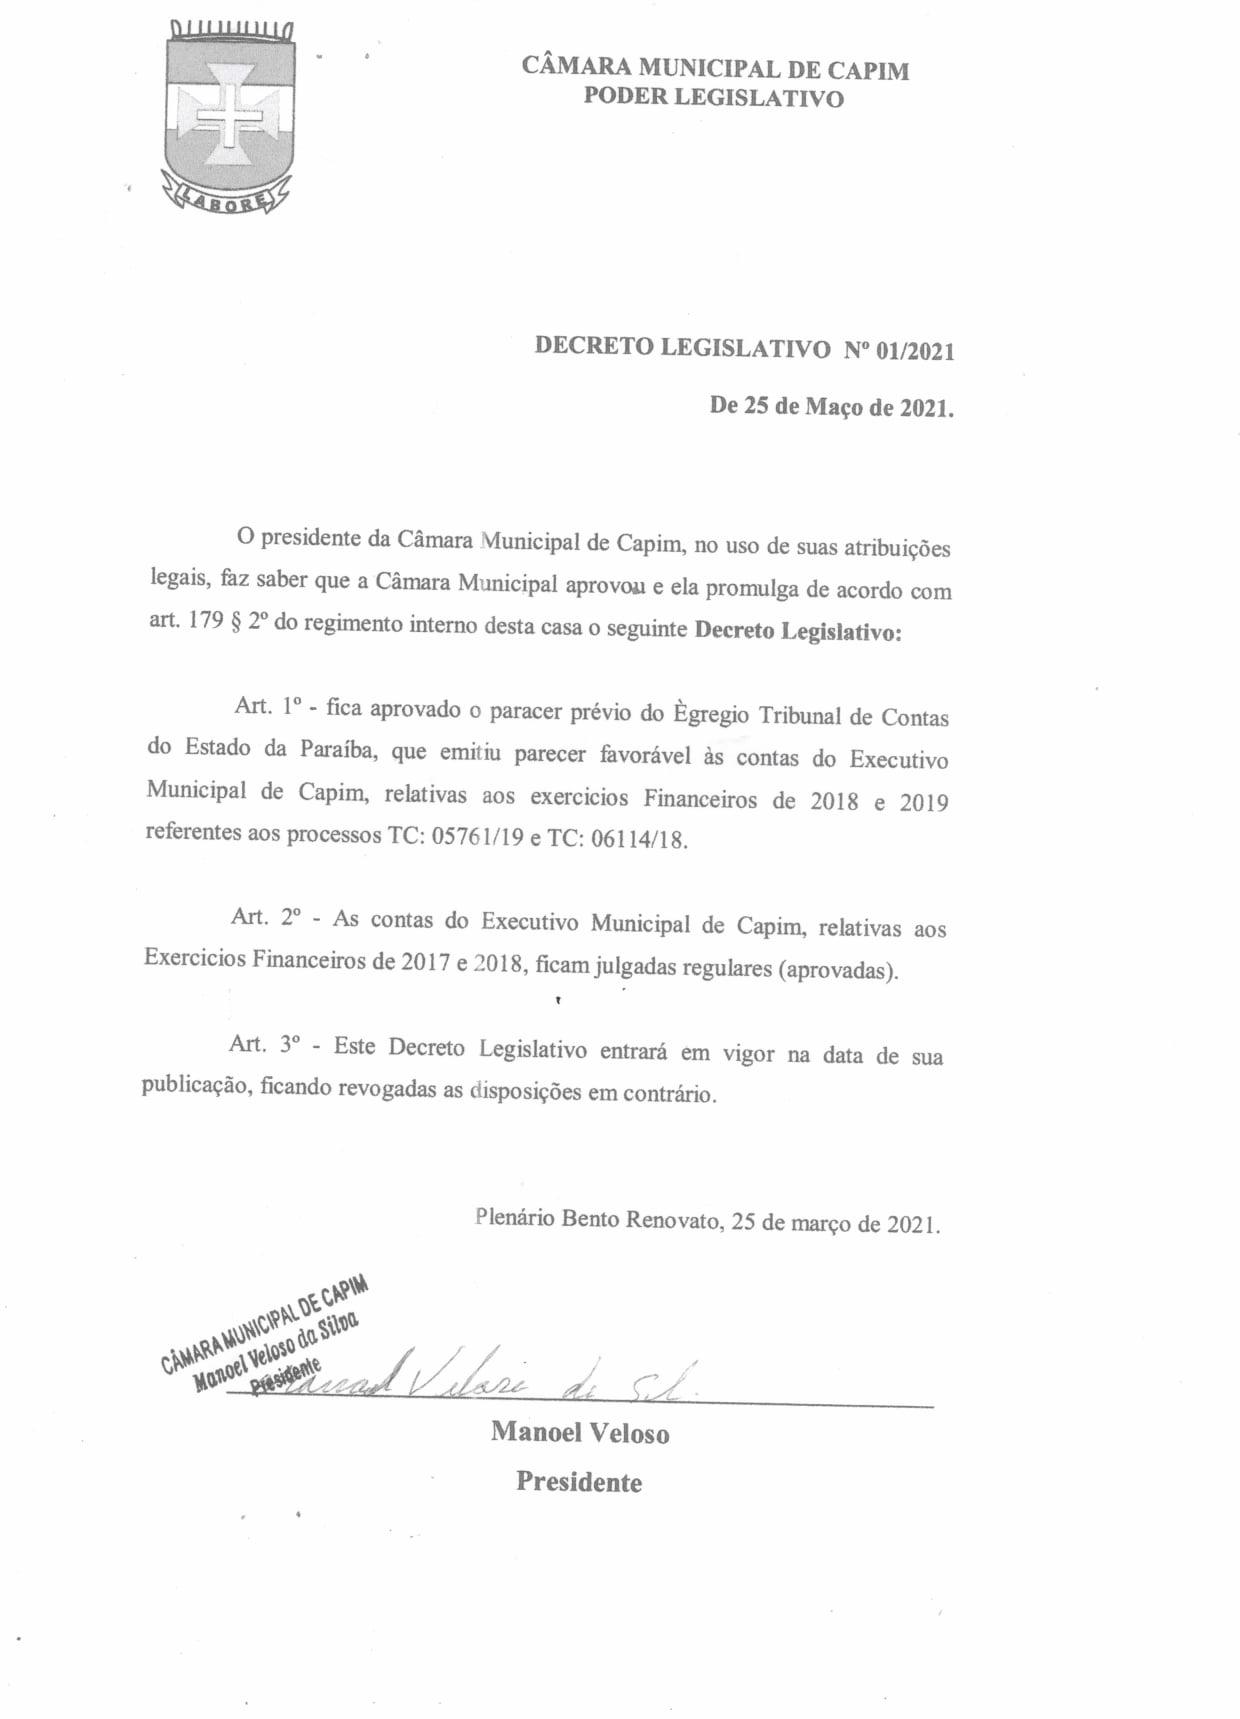 CÂMARA MUNICIPAL APROVA AS CONTAS PÚBLICAS DO EXERCÍCIO DE 2017 E 2018